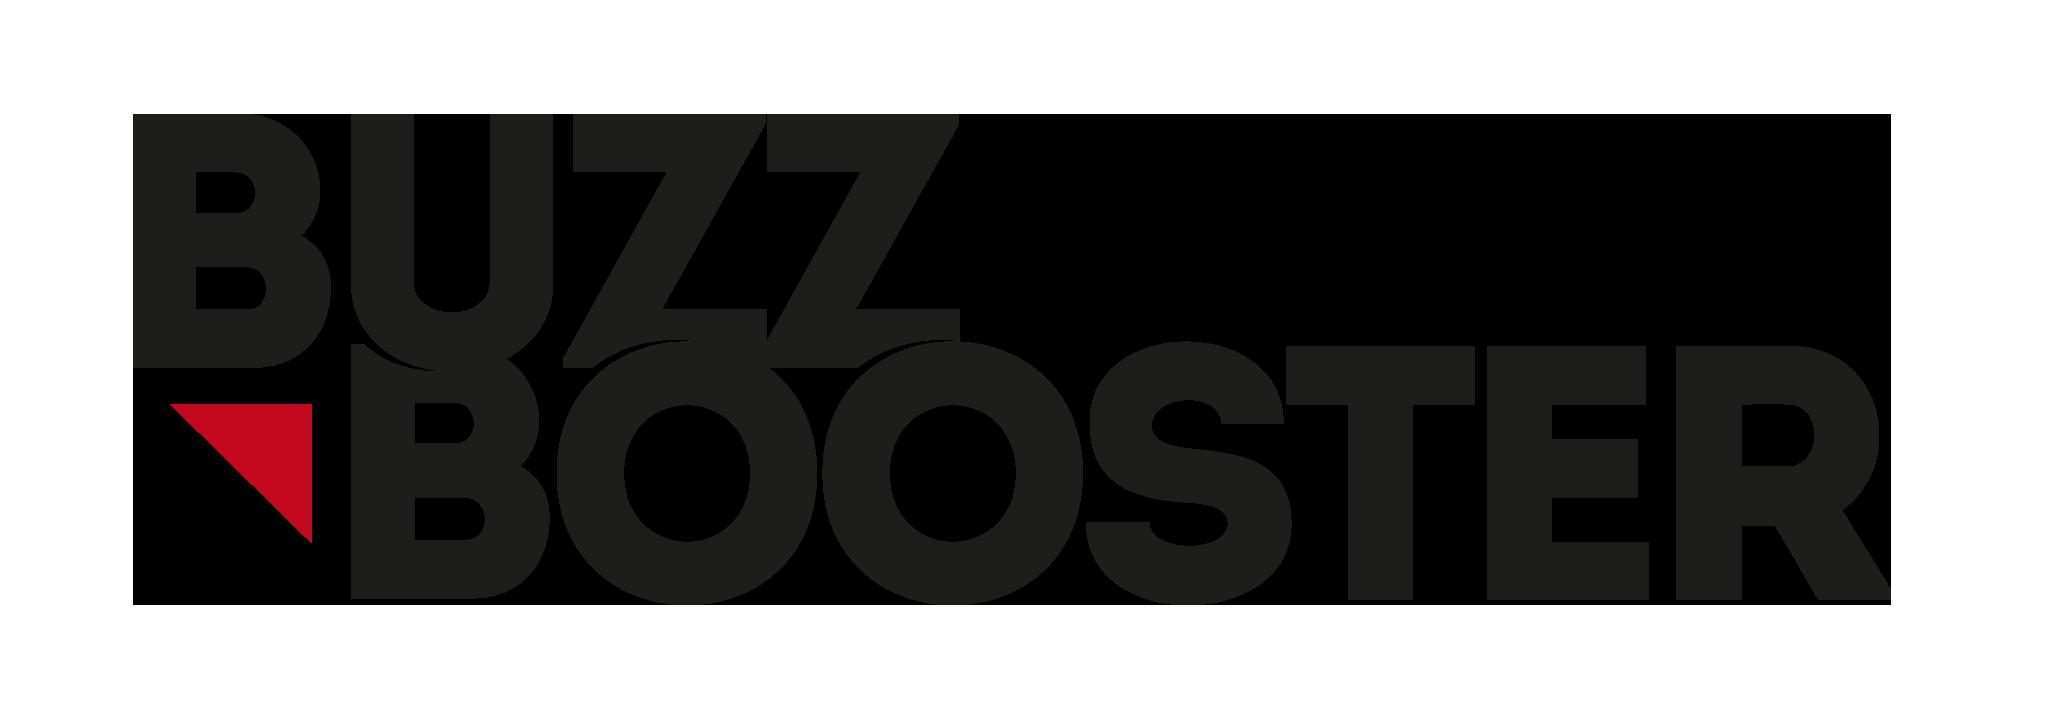 Logo Buzz Booster